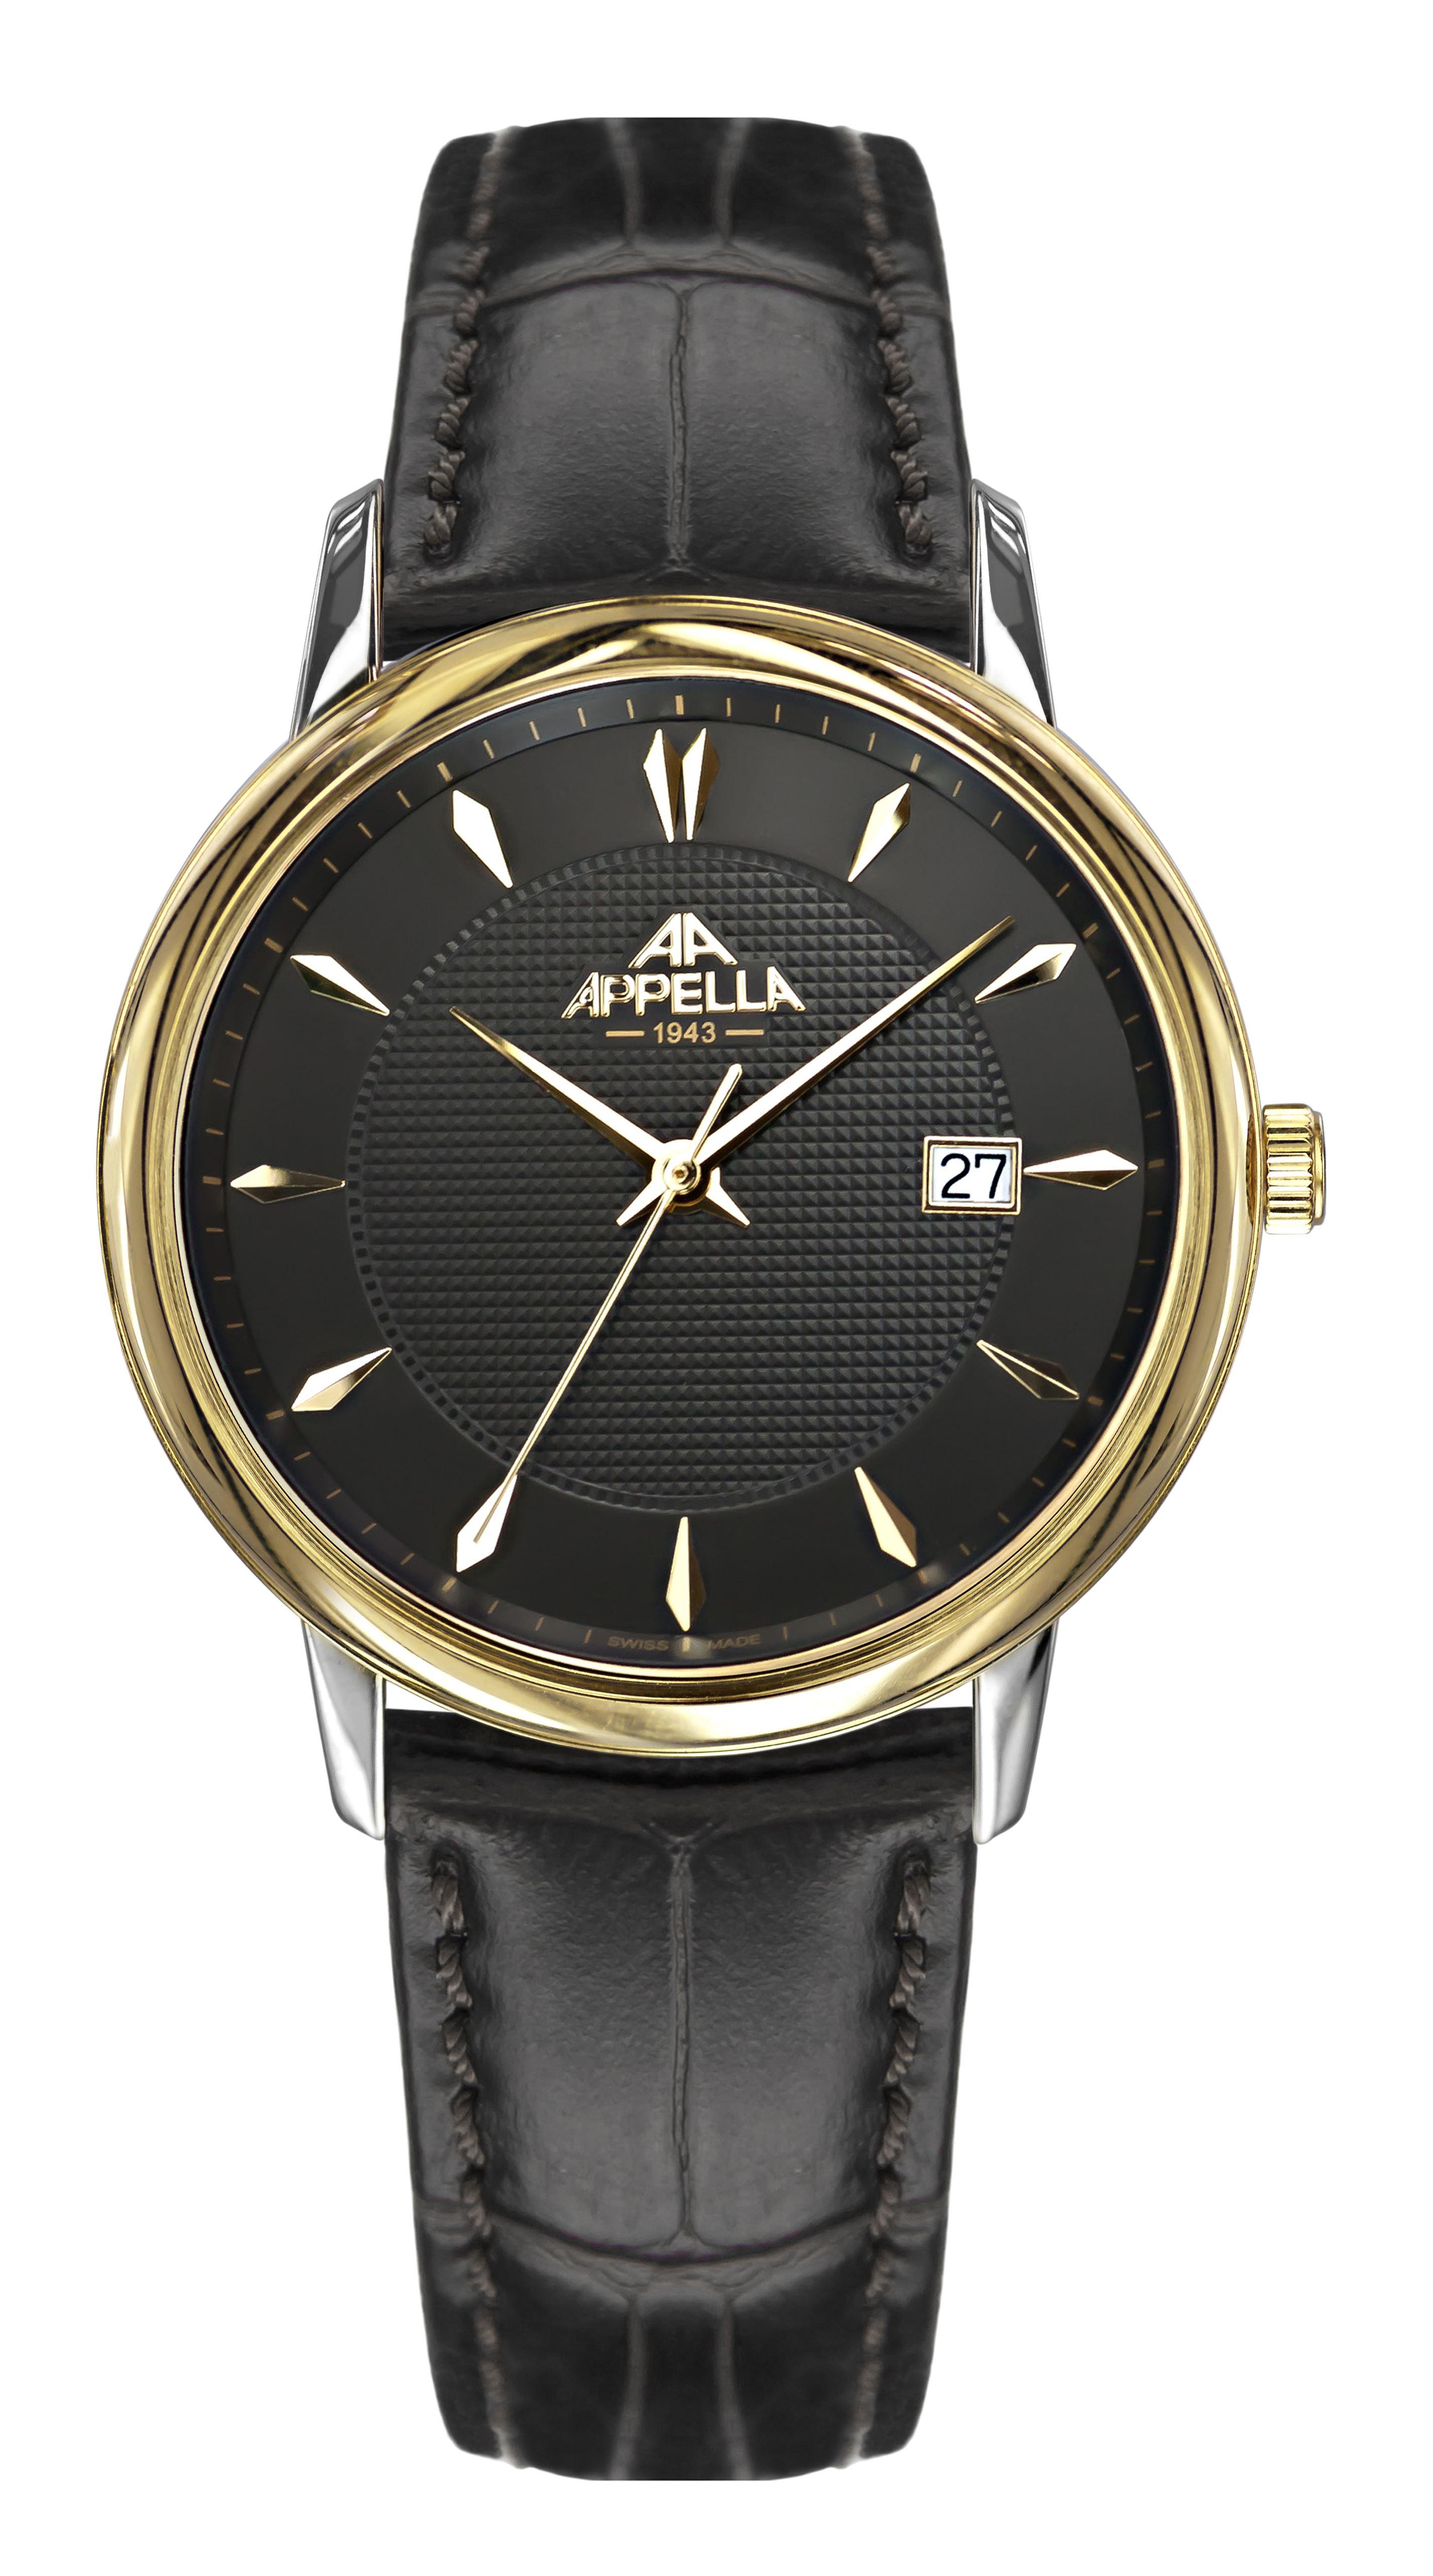 Часы APPELLA A-4301-2014